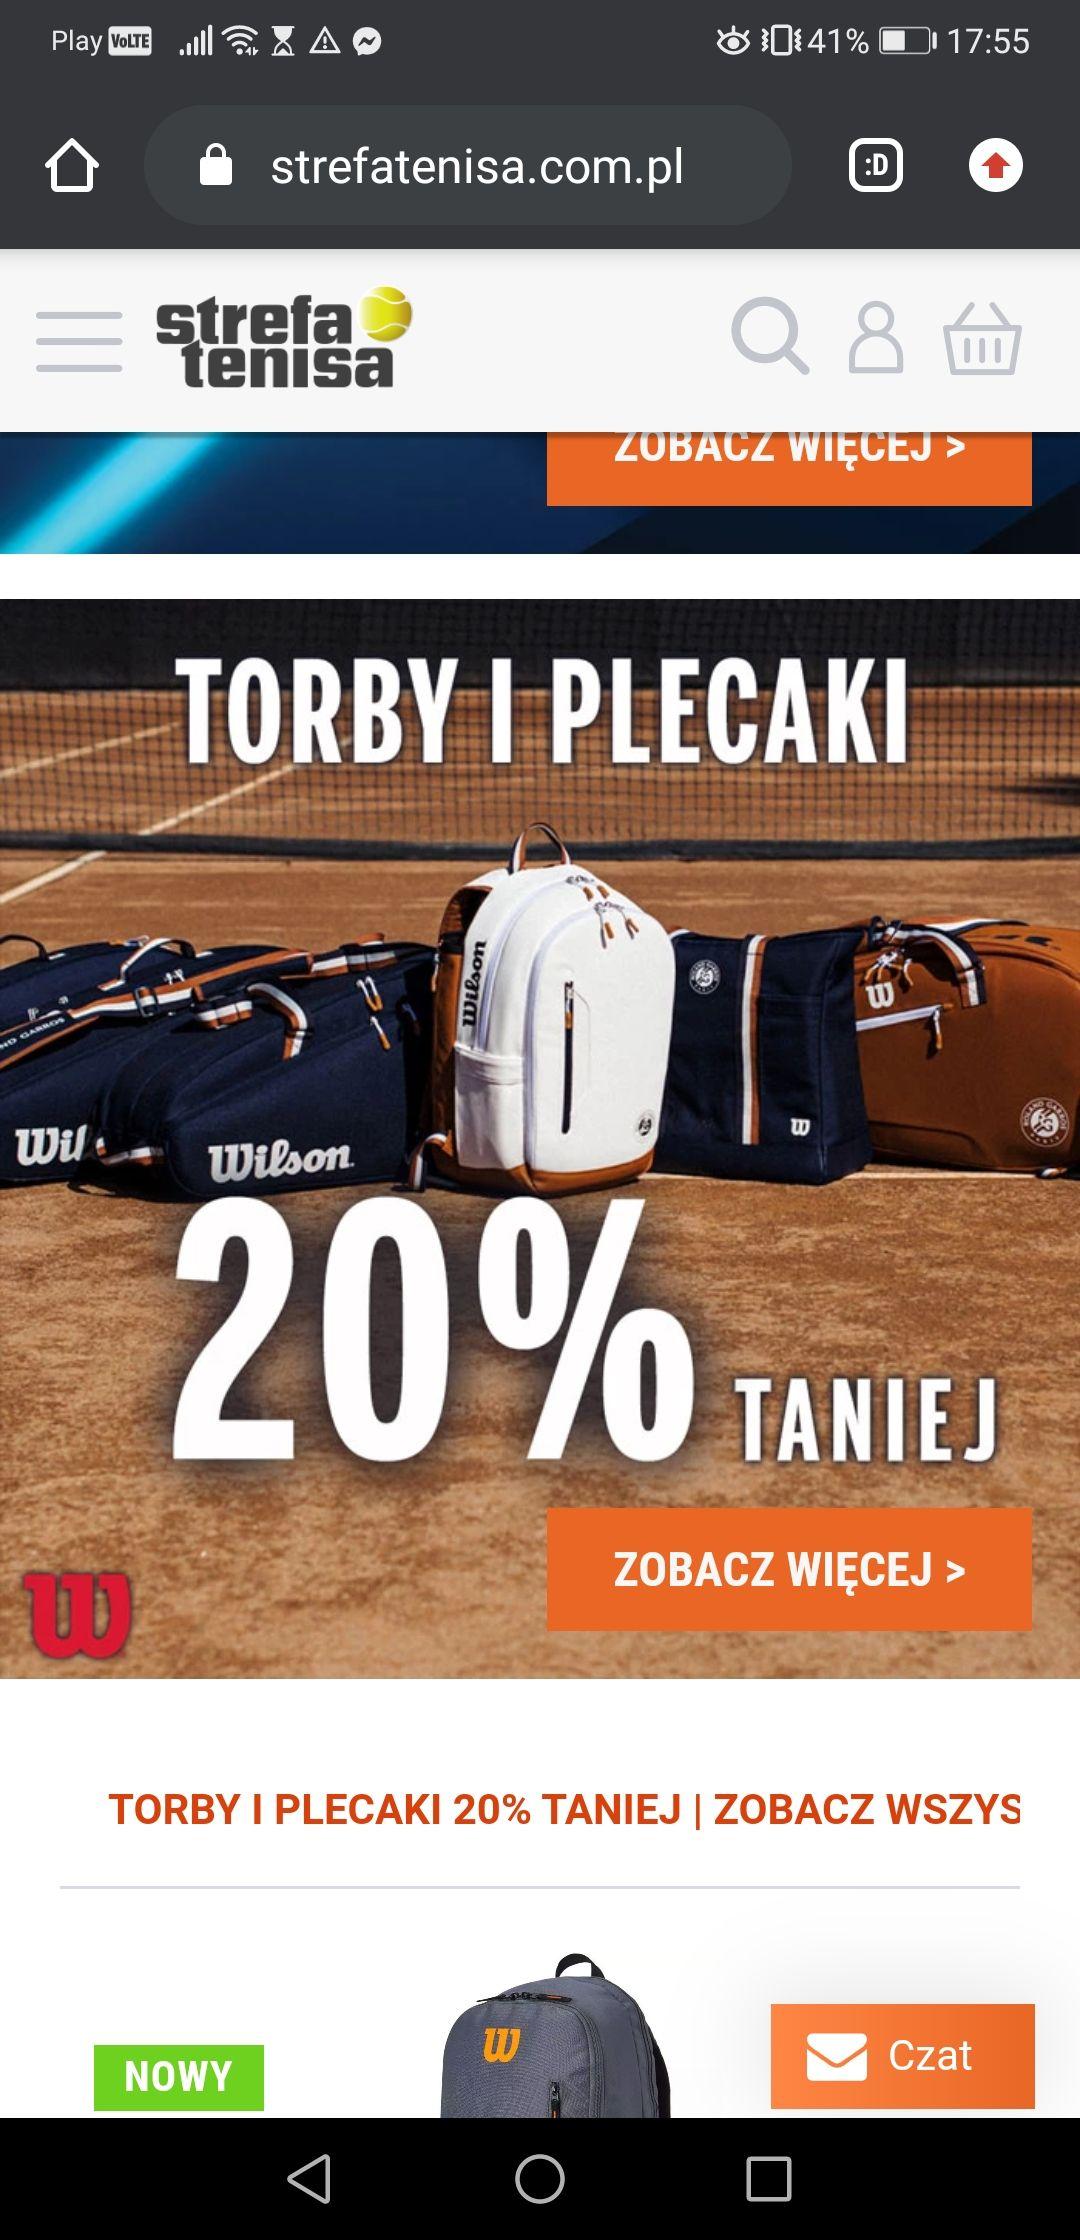 Torby i plecaki Wilson - 20%